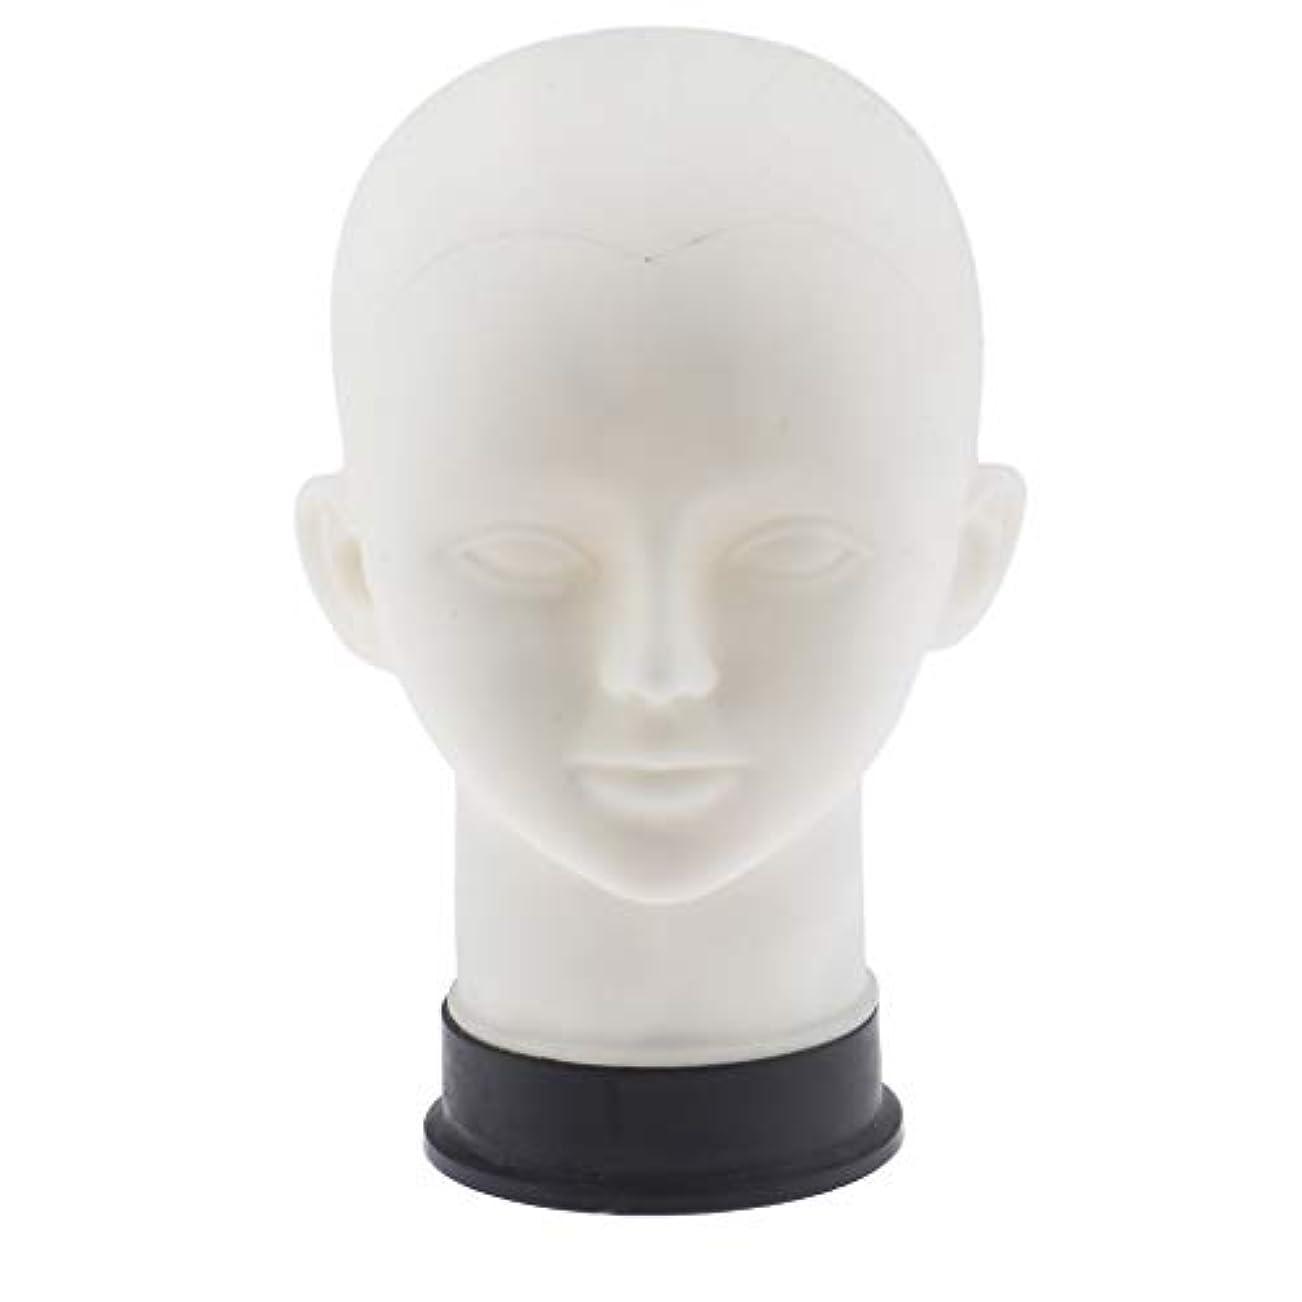 エイズこれまでペダルマネキンヘッド 男性 メイクアップ練習 かつら 帽子 スカーフ ディスプレイ ホルダー